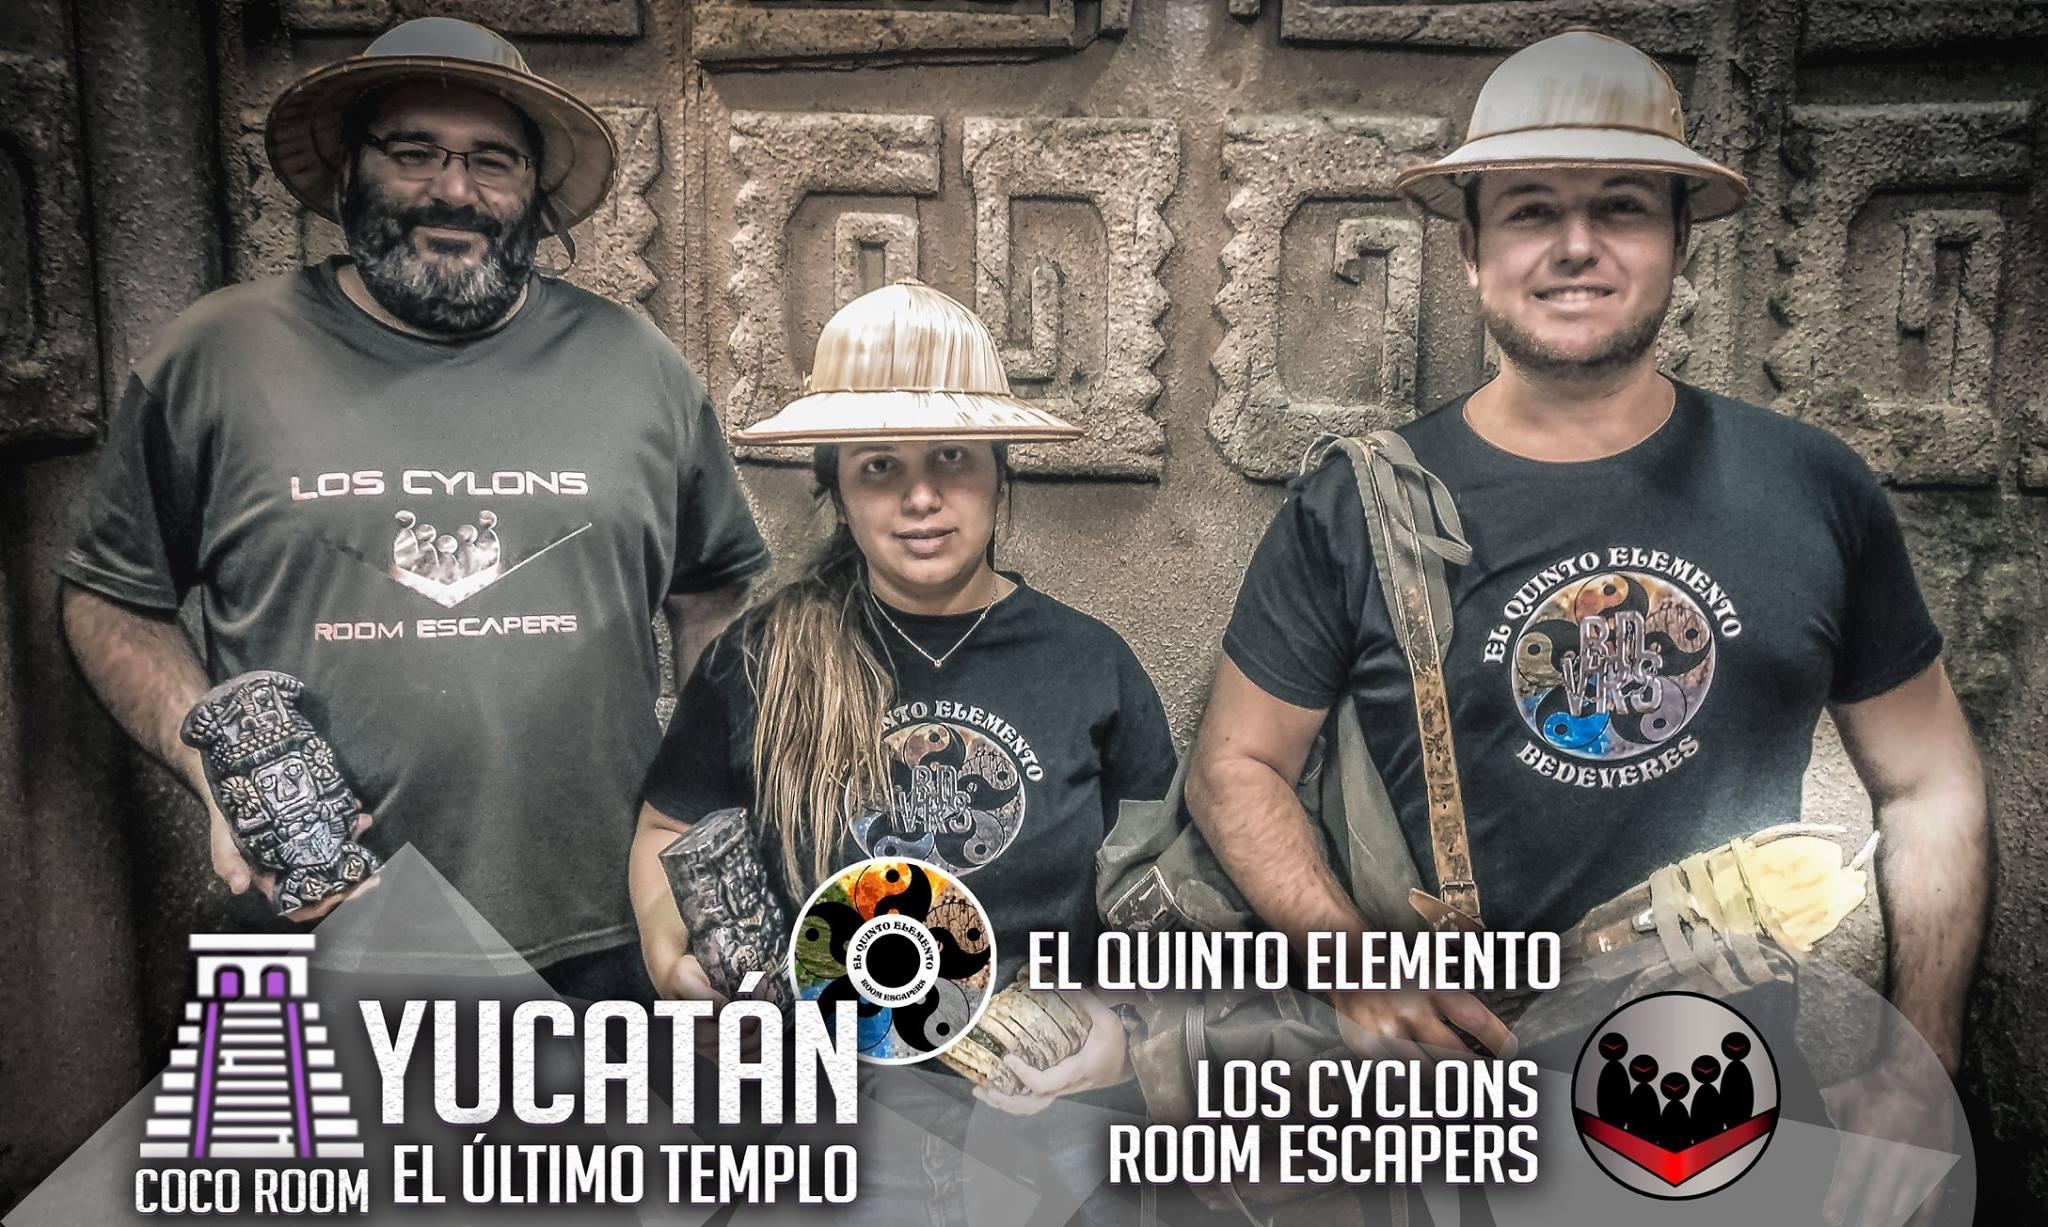 Cocoroom Yucatan